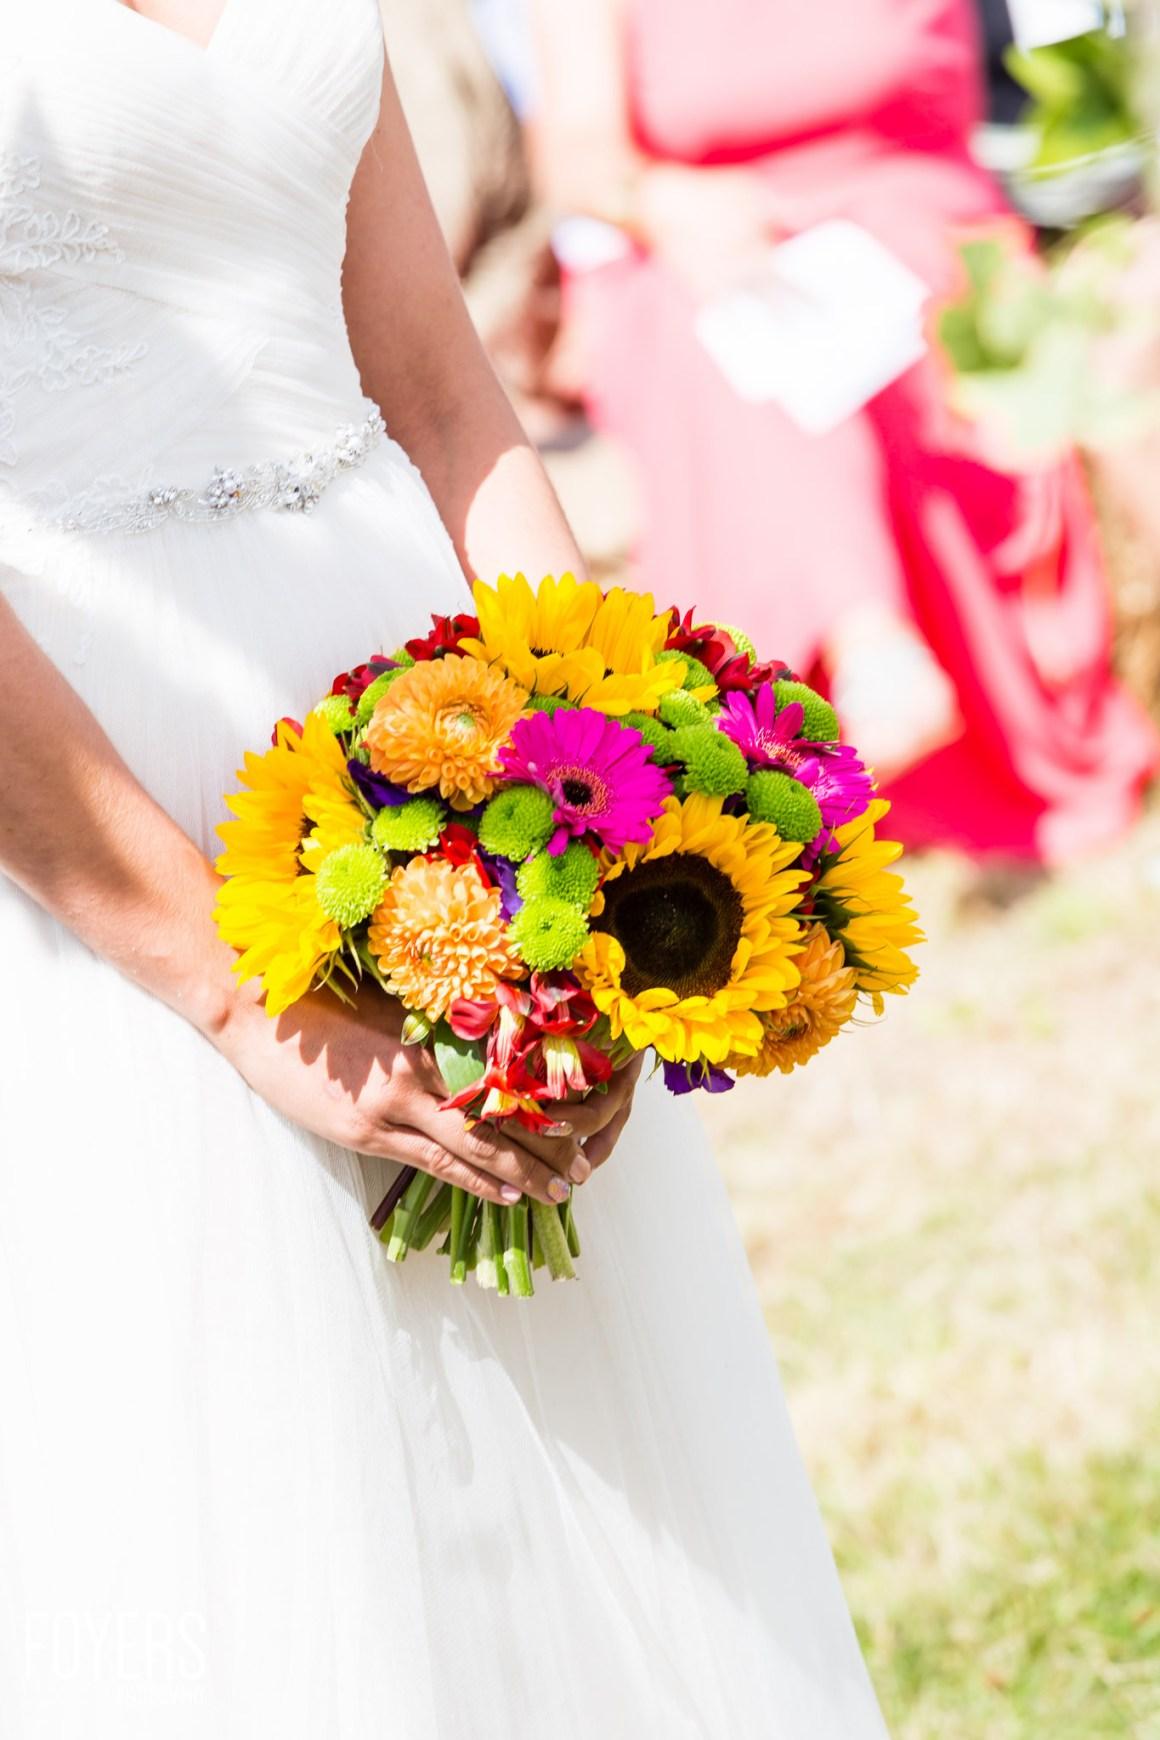 wedding bouquet-1 - copyright Robert Foyers